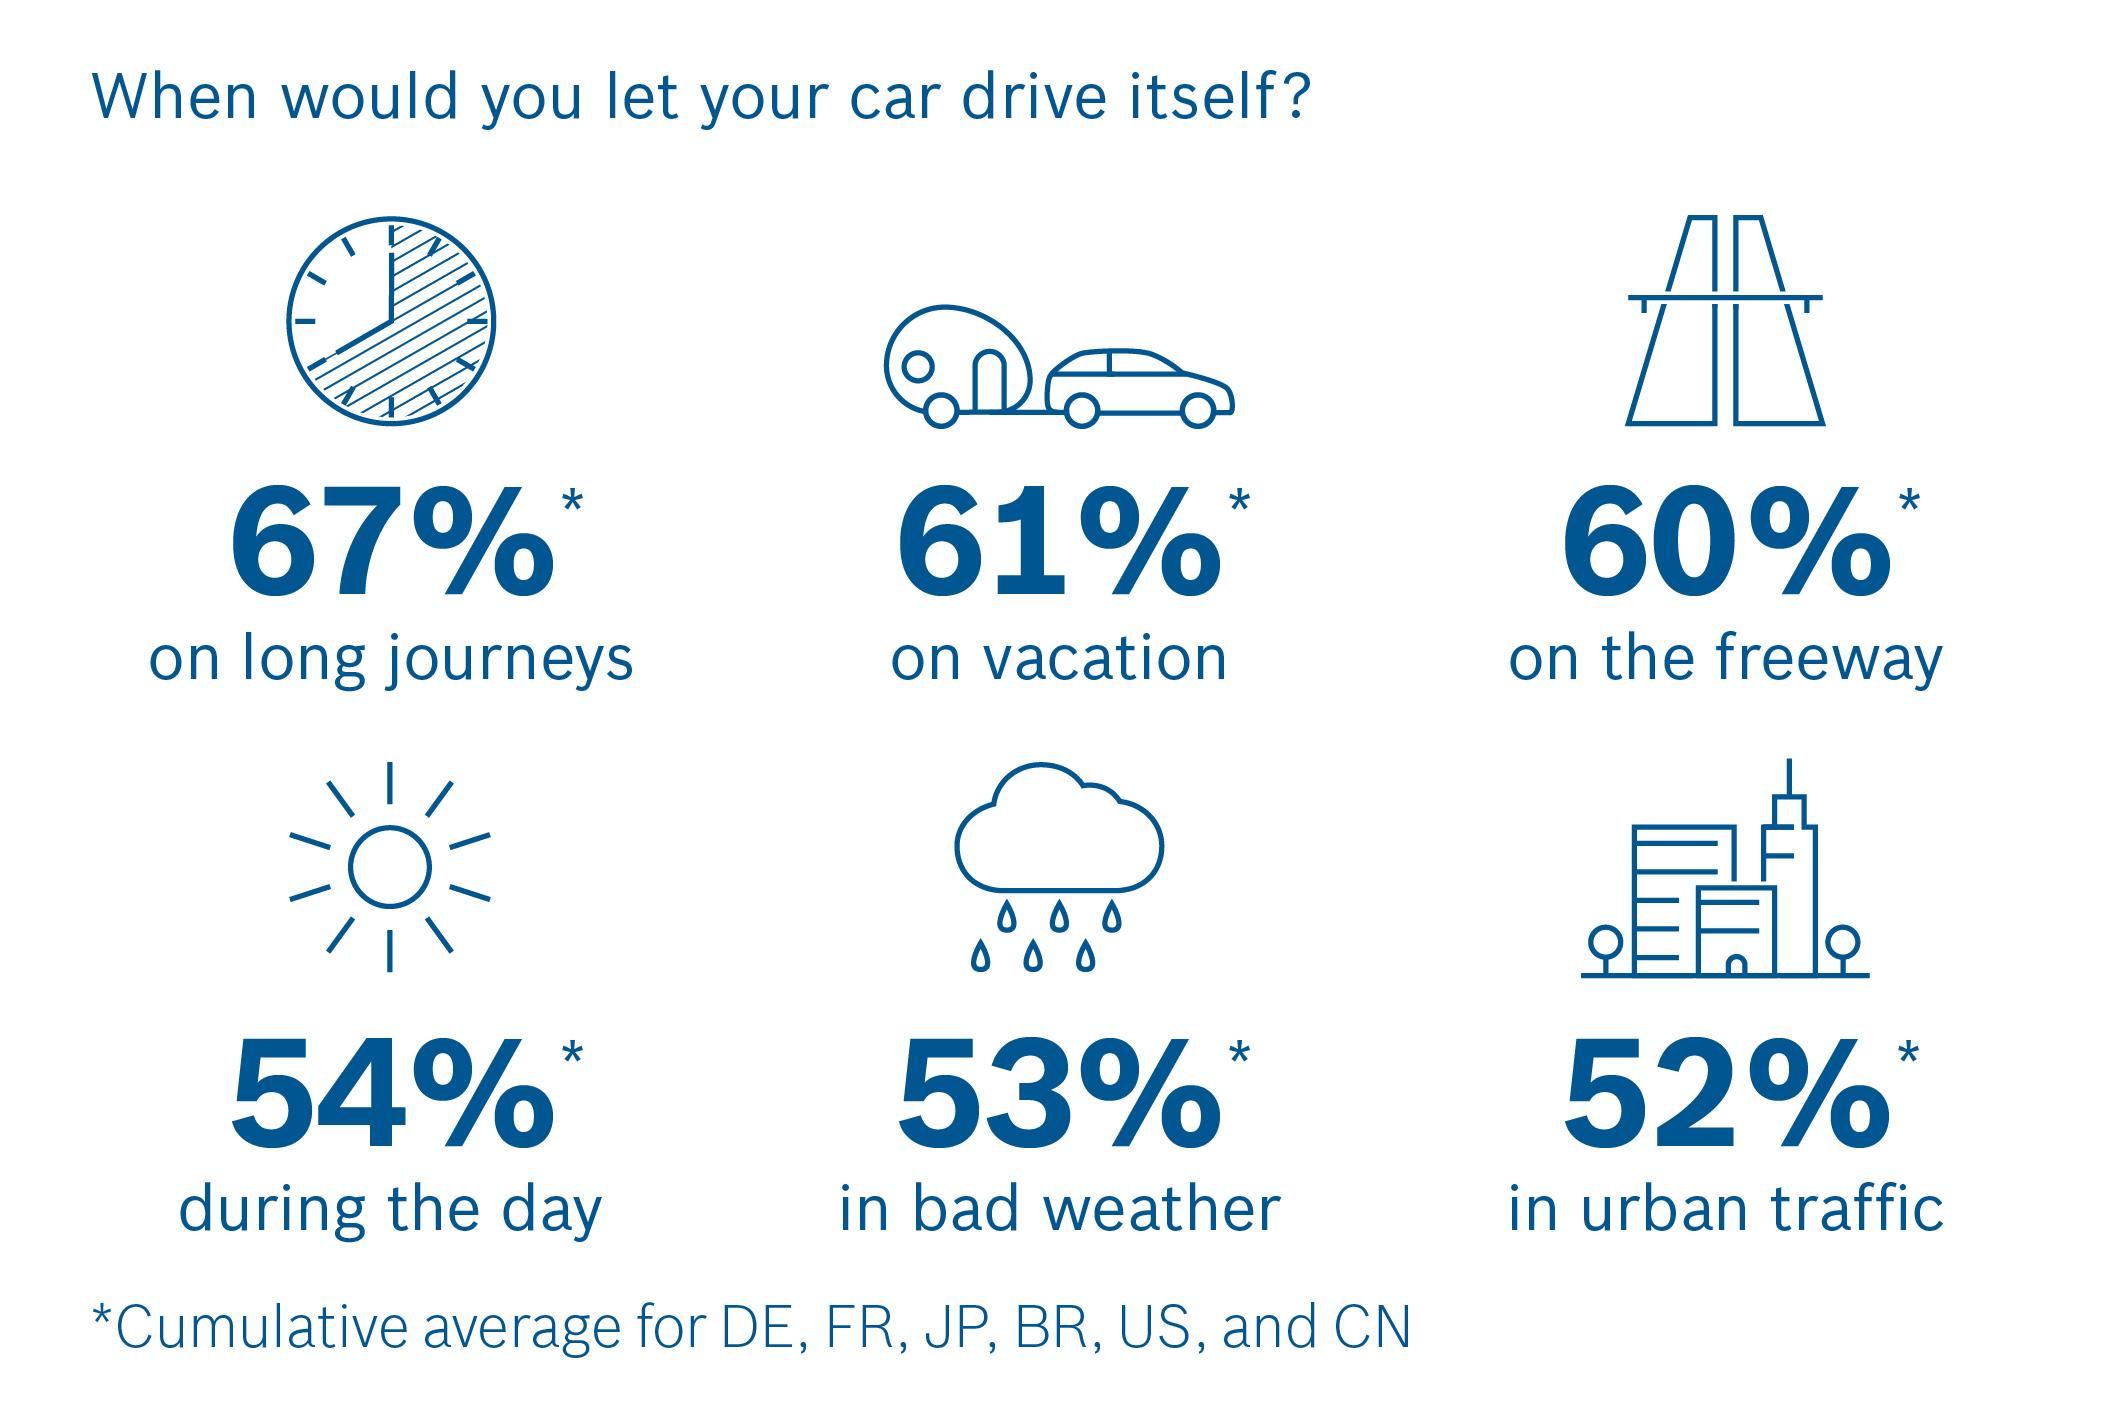 Viac komfortu a menej stresu za volantom